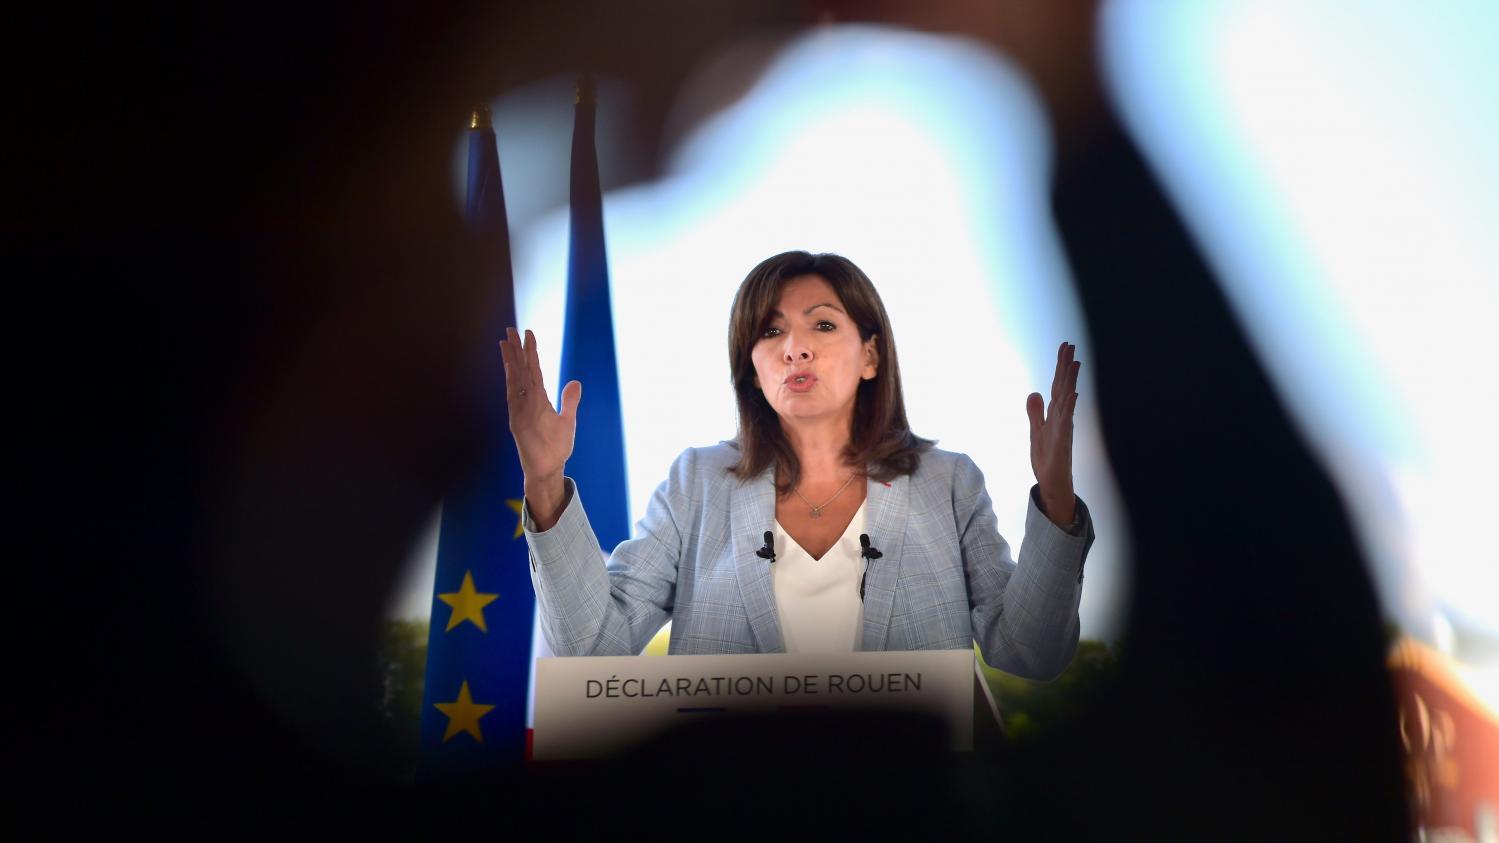 La stratégie d'Anne Hidalgo pour la présidentielle 2022